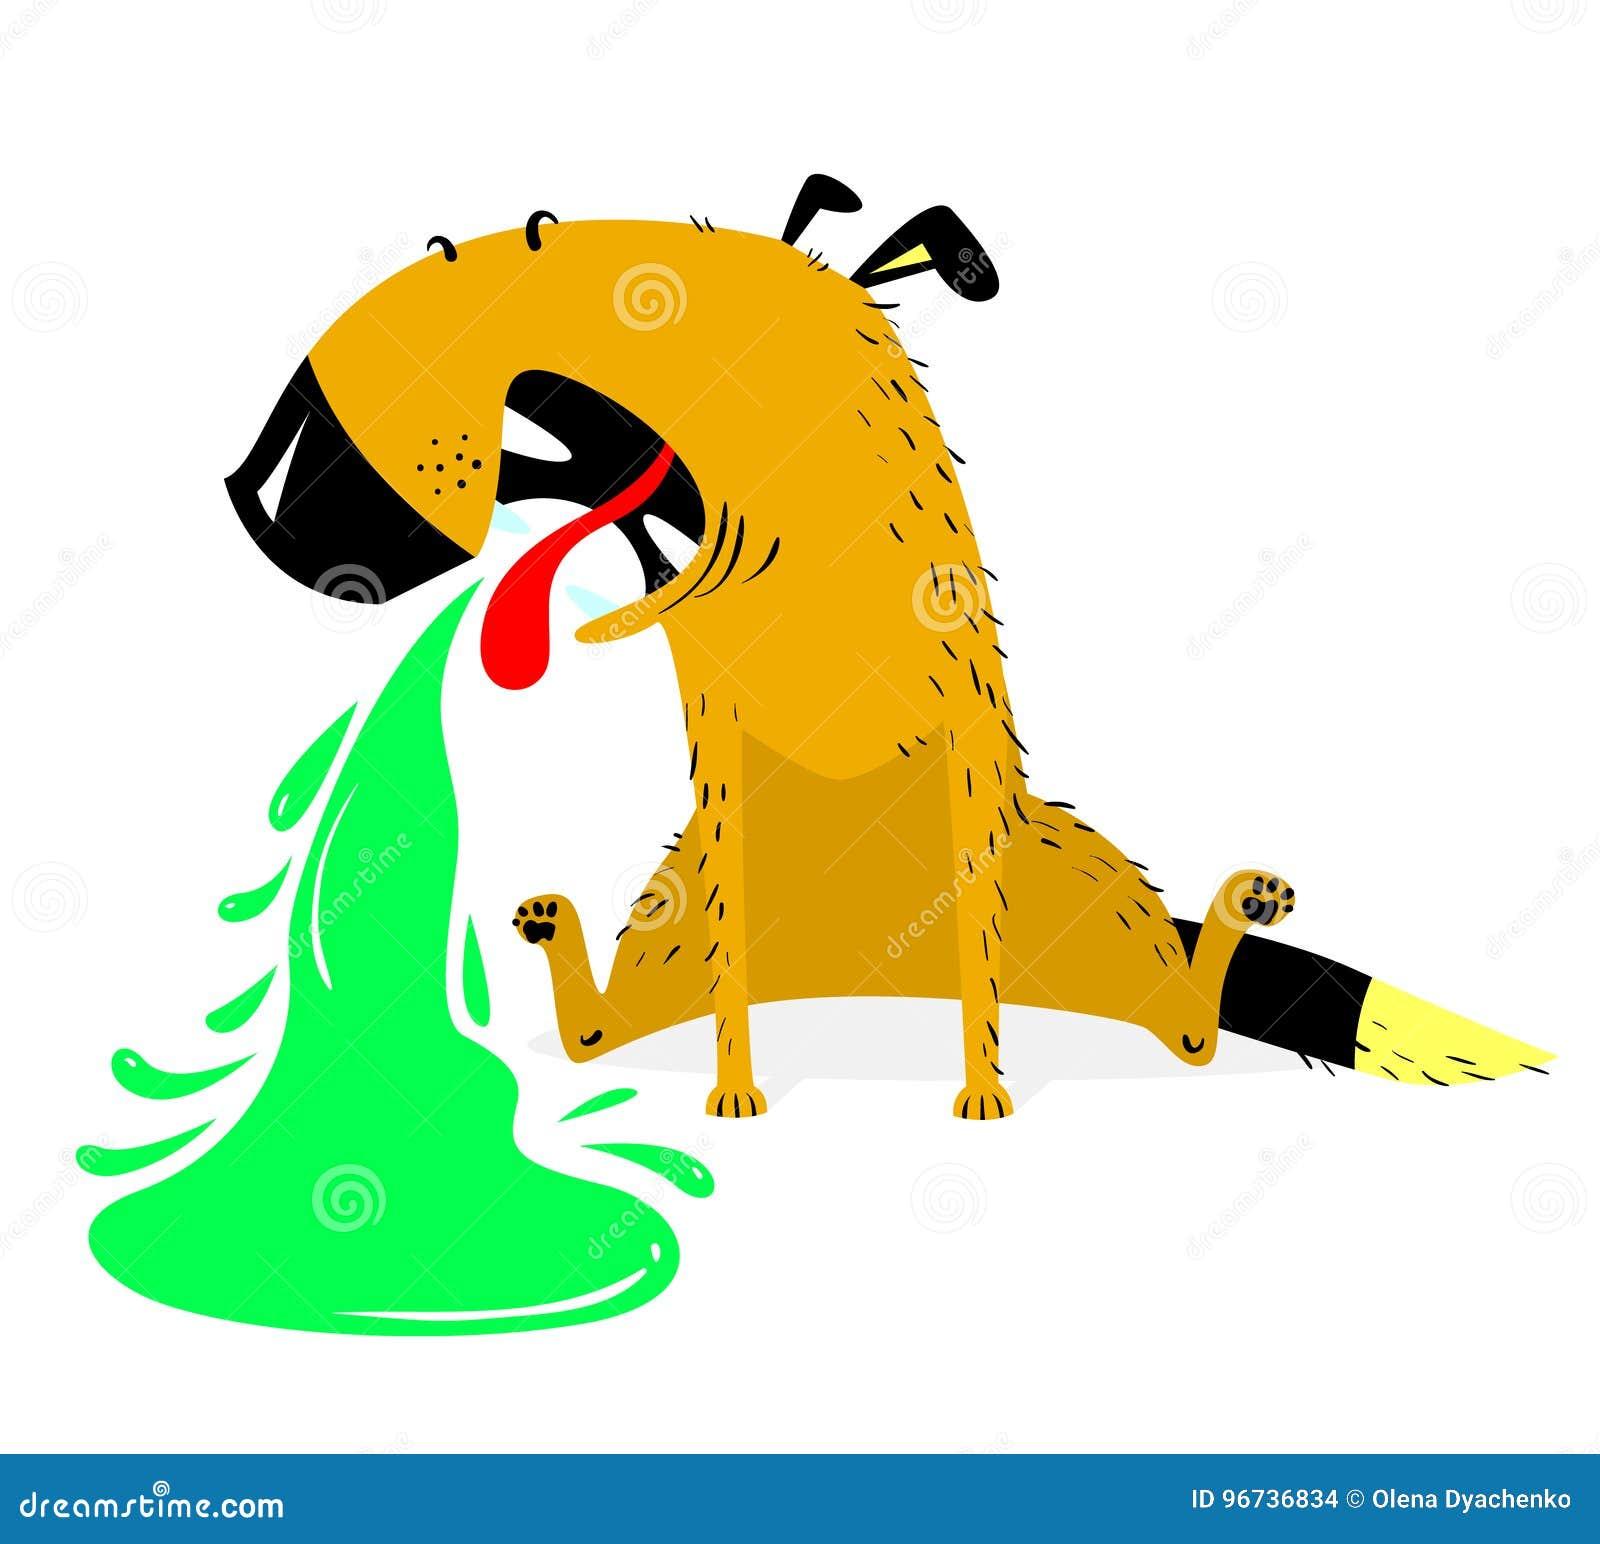 Vomiting dog.Sick dog. Pet pukes with green vomit.